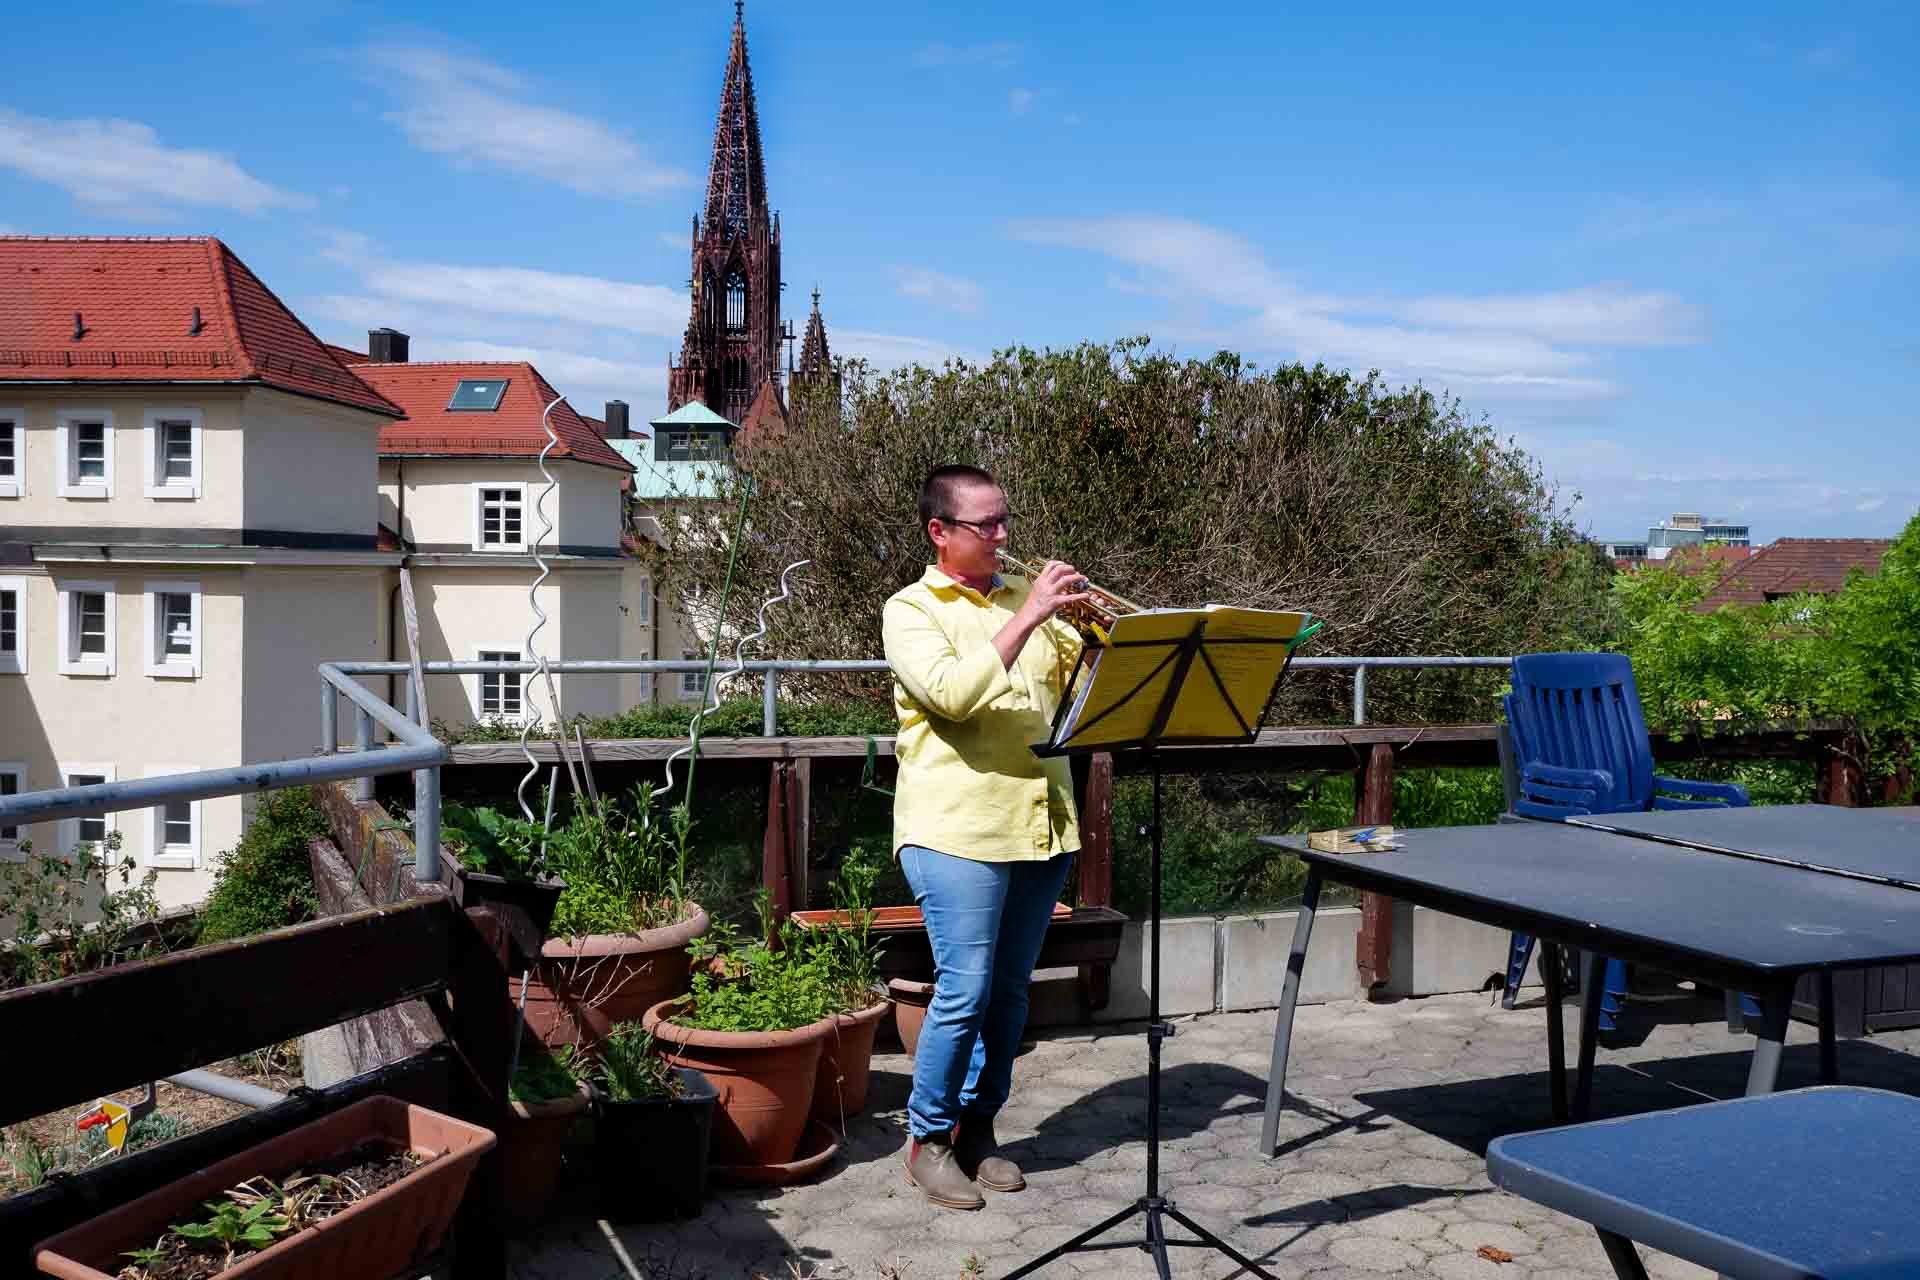 HSCHL 2020 05 10 Muttertag Gottesdienst Haus Schlossberg 1920px 0002